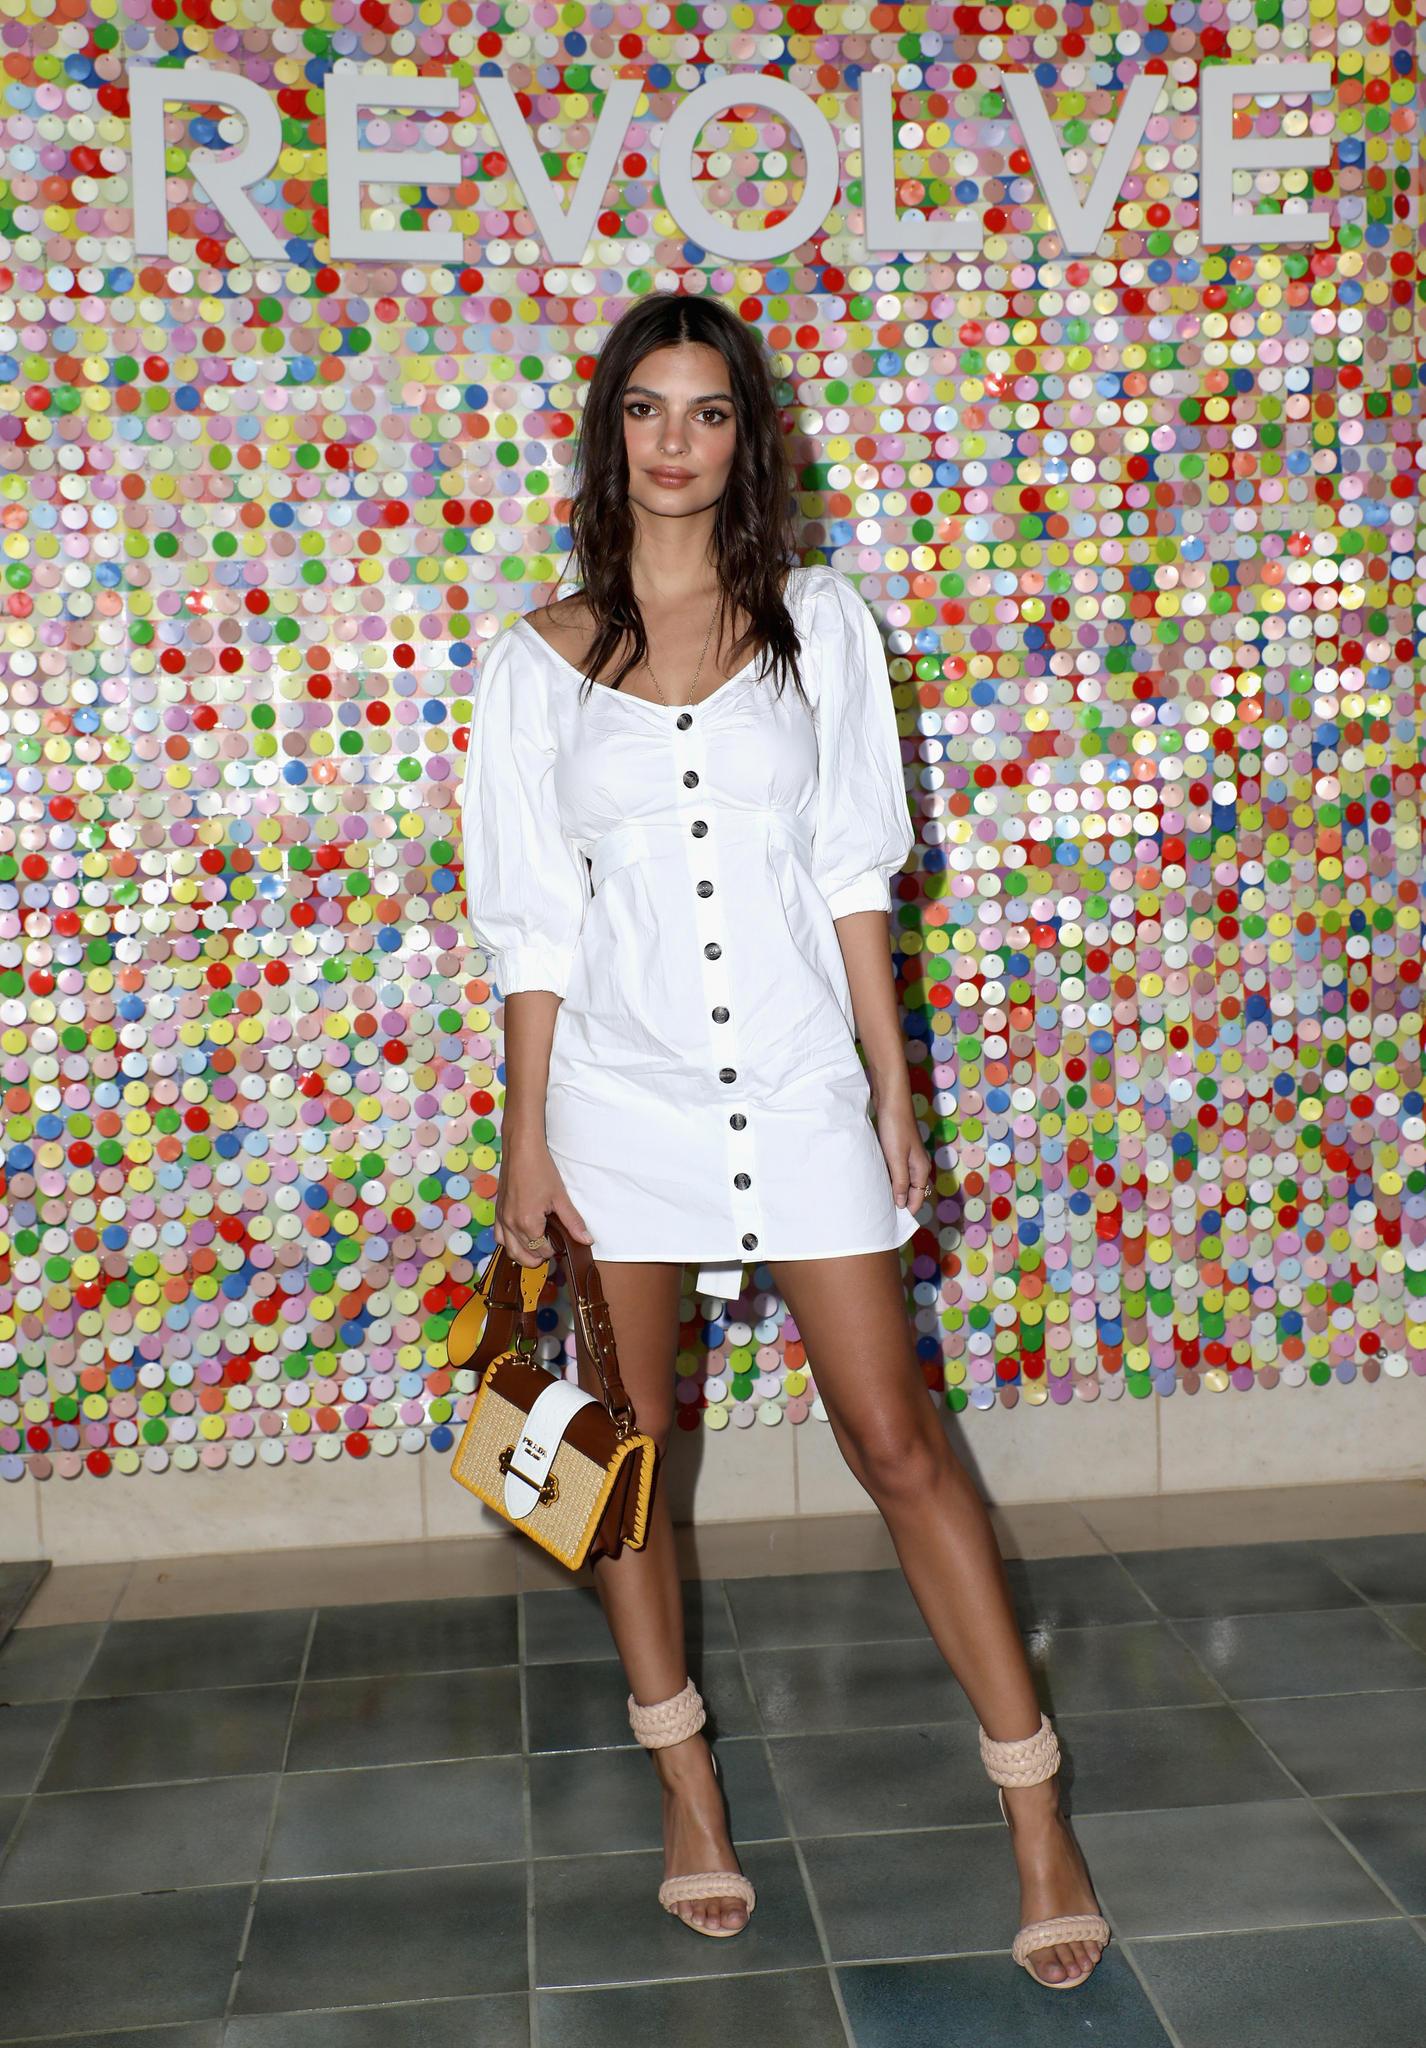 Emily Ratajkowski im stylischen Leinenkleid mit sichtbarer Knopfleiste